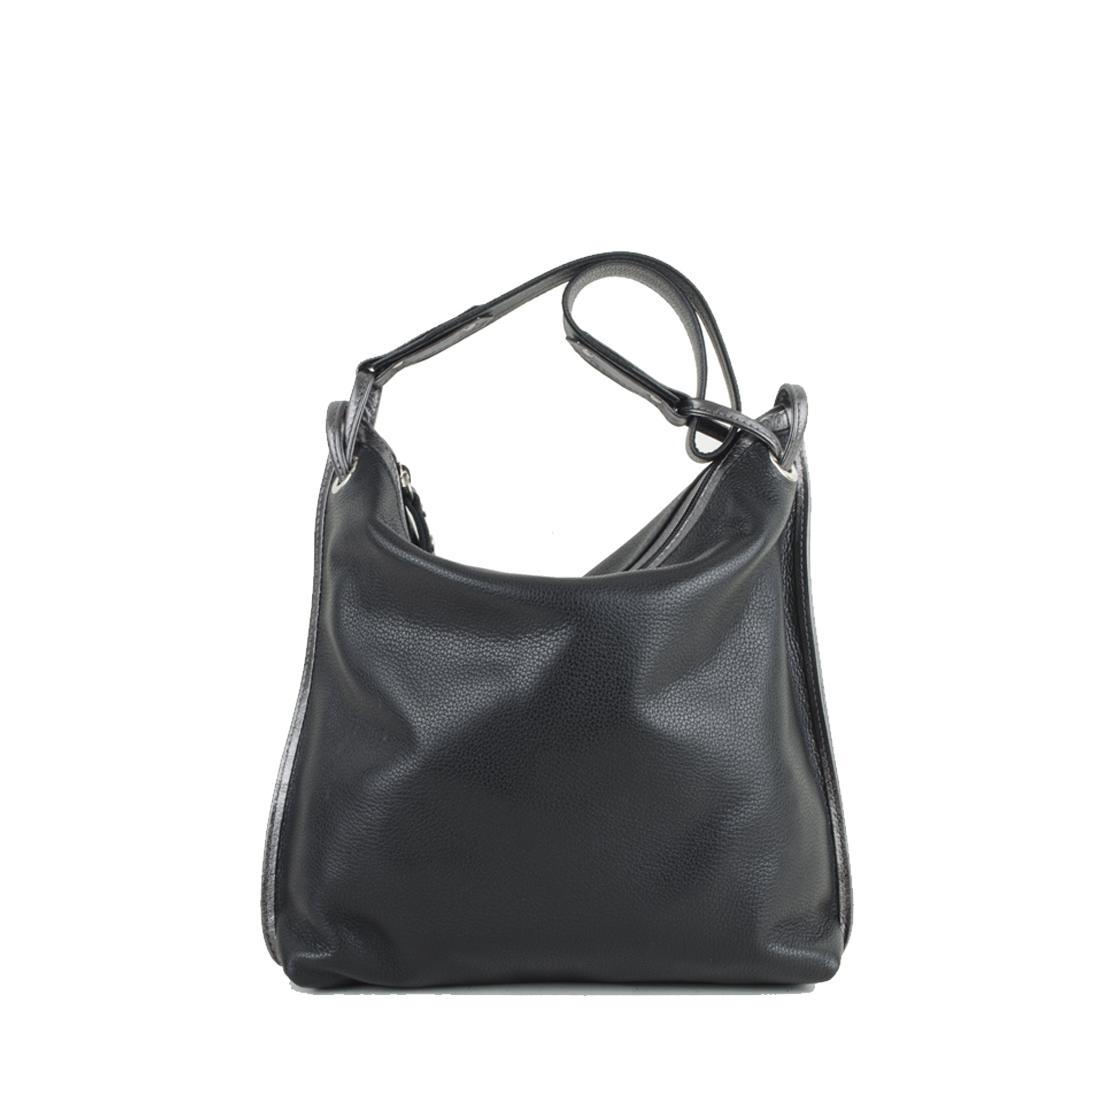 Maria Black Leather Shoulder Bag